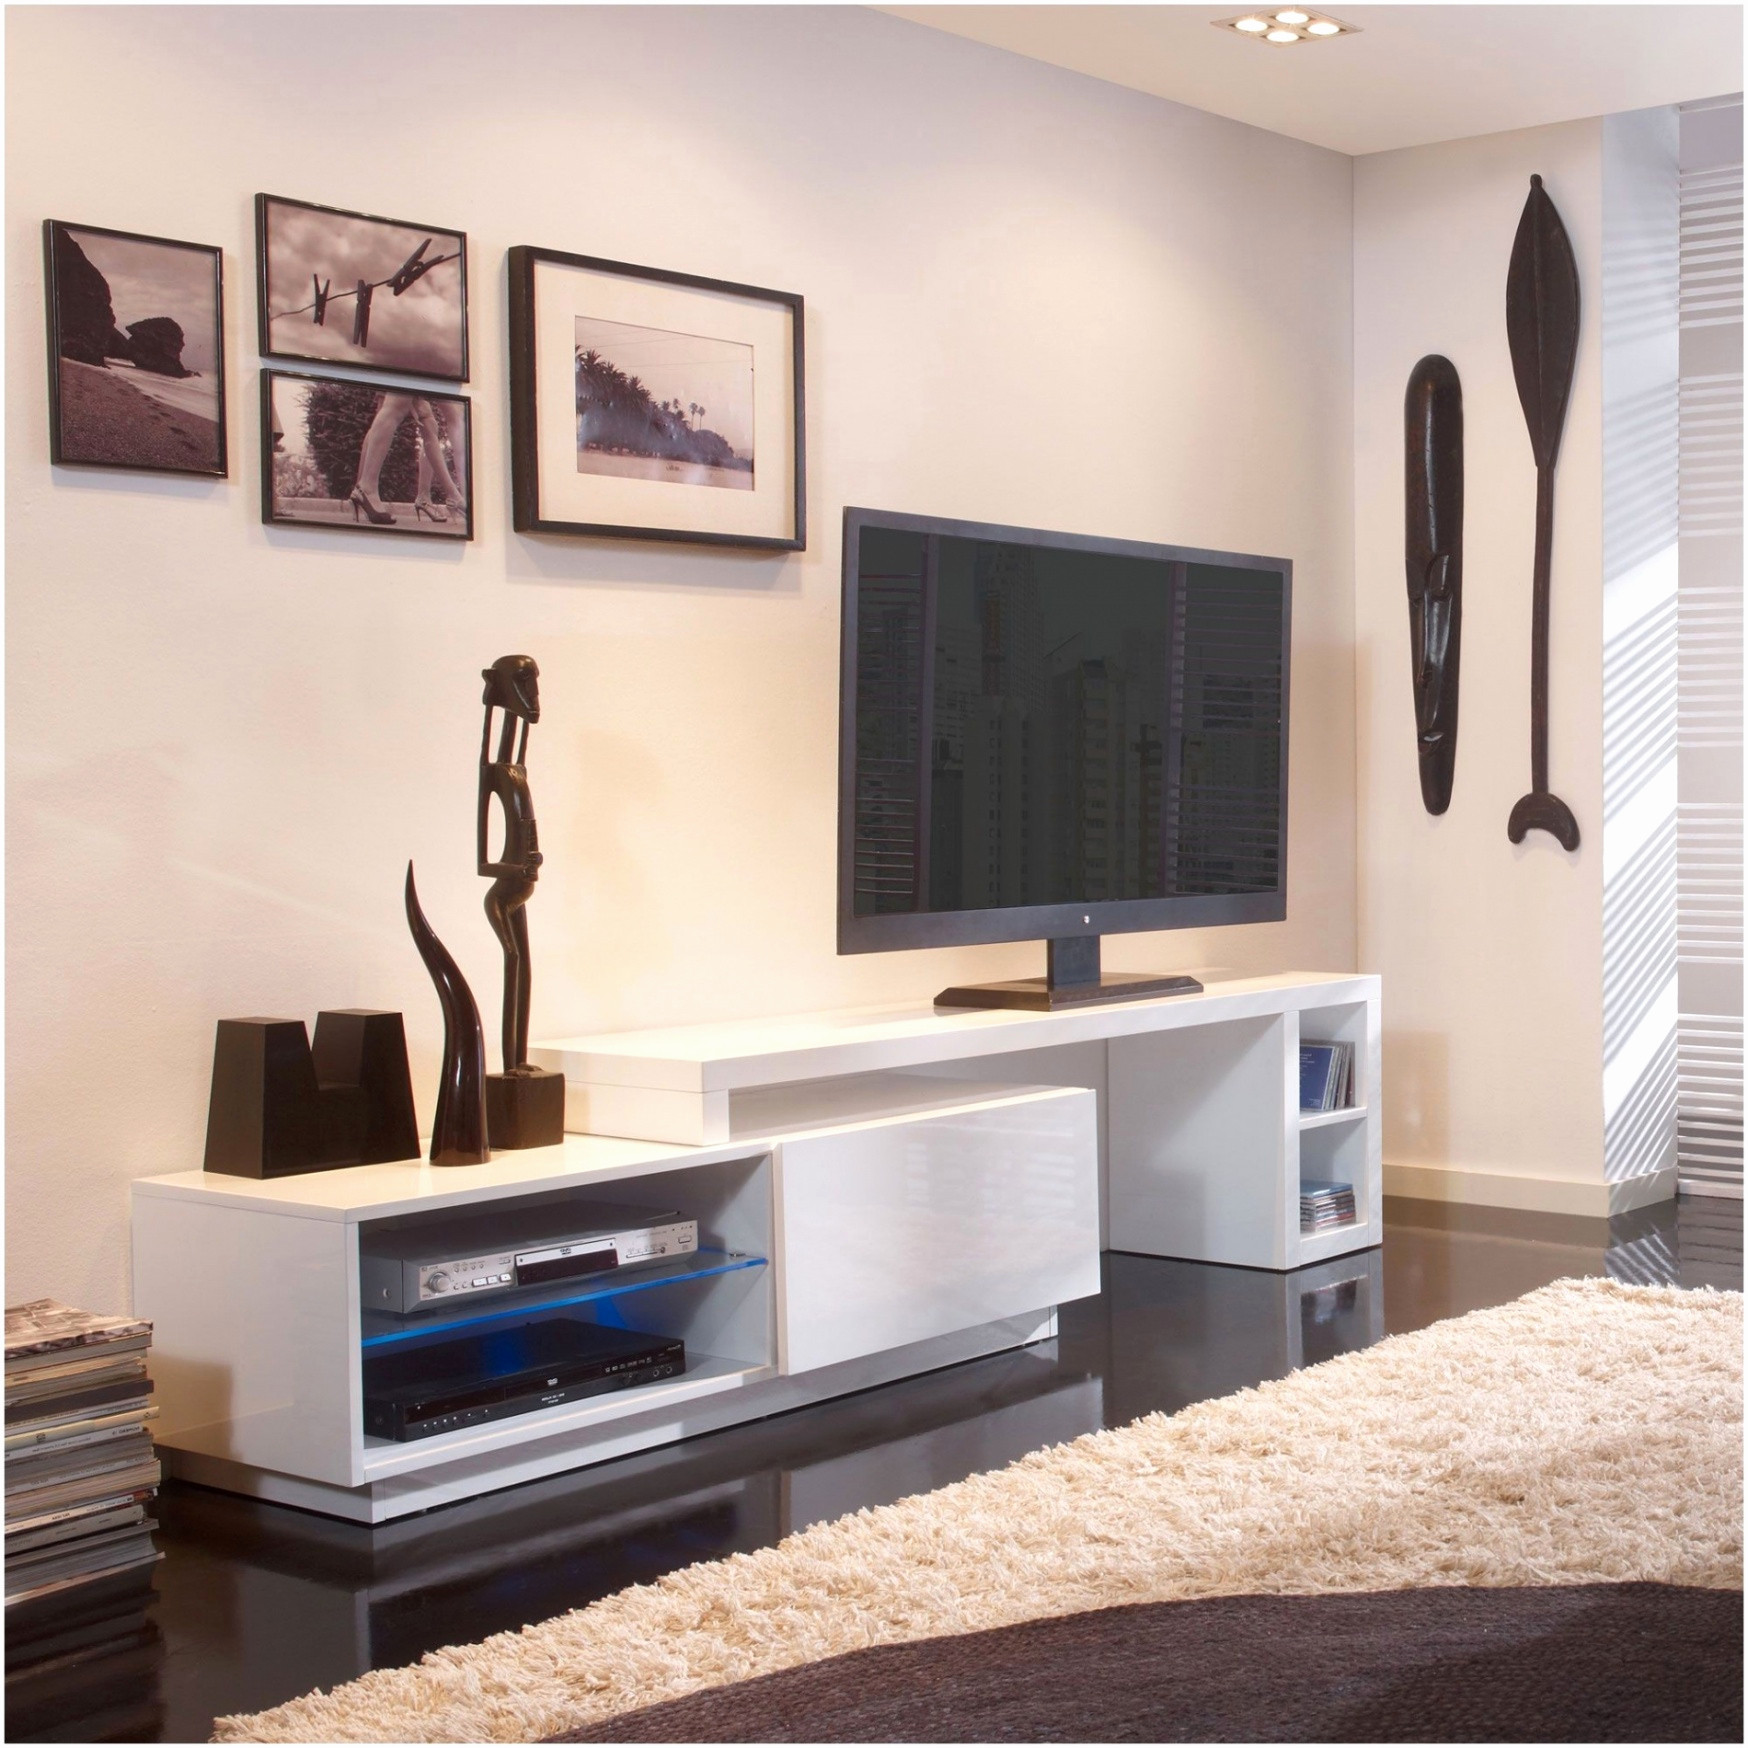 magasin de meubles de cuisine meubles le du nouveau meuble but cuisine elegant meuble magasin of magasin de meubles de cuisine